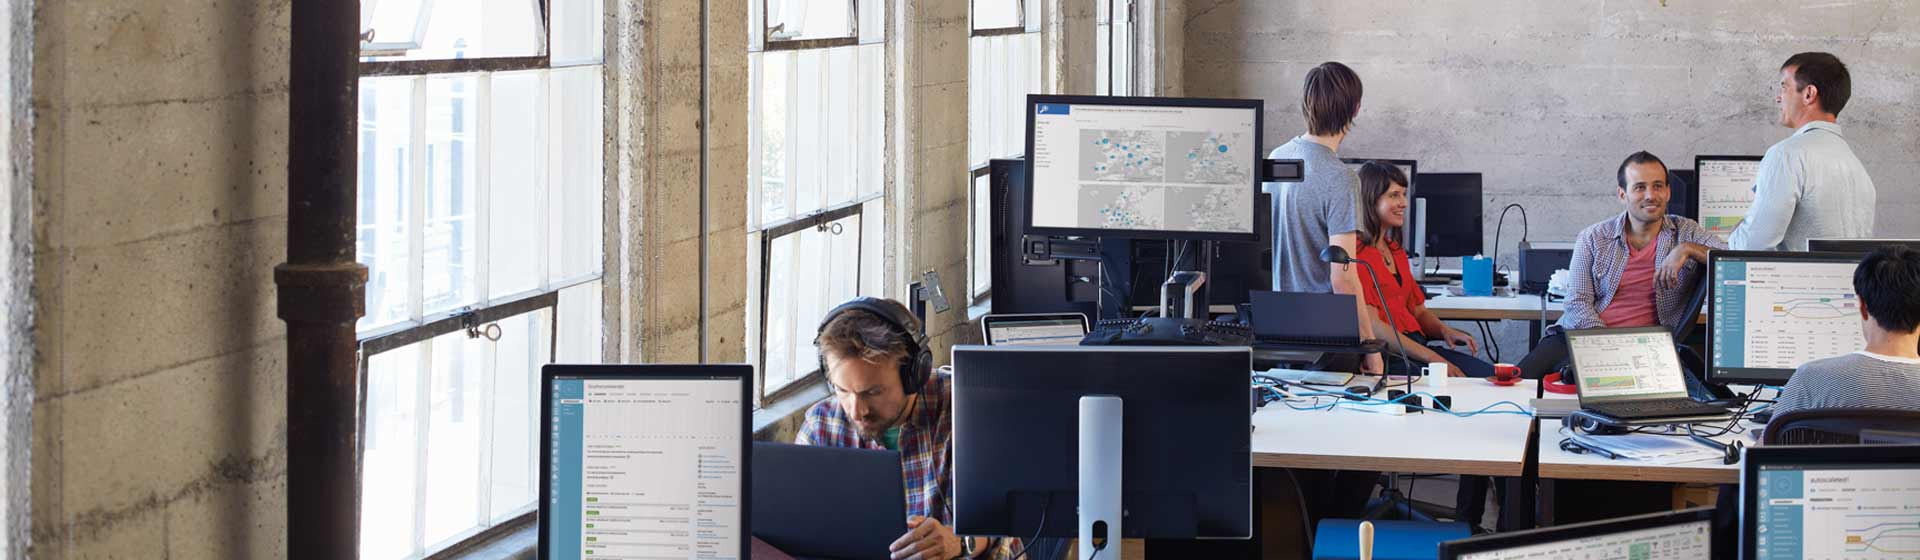 """Grupė bendradarbių, sėdinčių ir stovinčių aplink savo stalus biure, pilname kompiuterių, kuriuose veikia """"Office 365"""""""